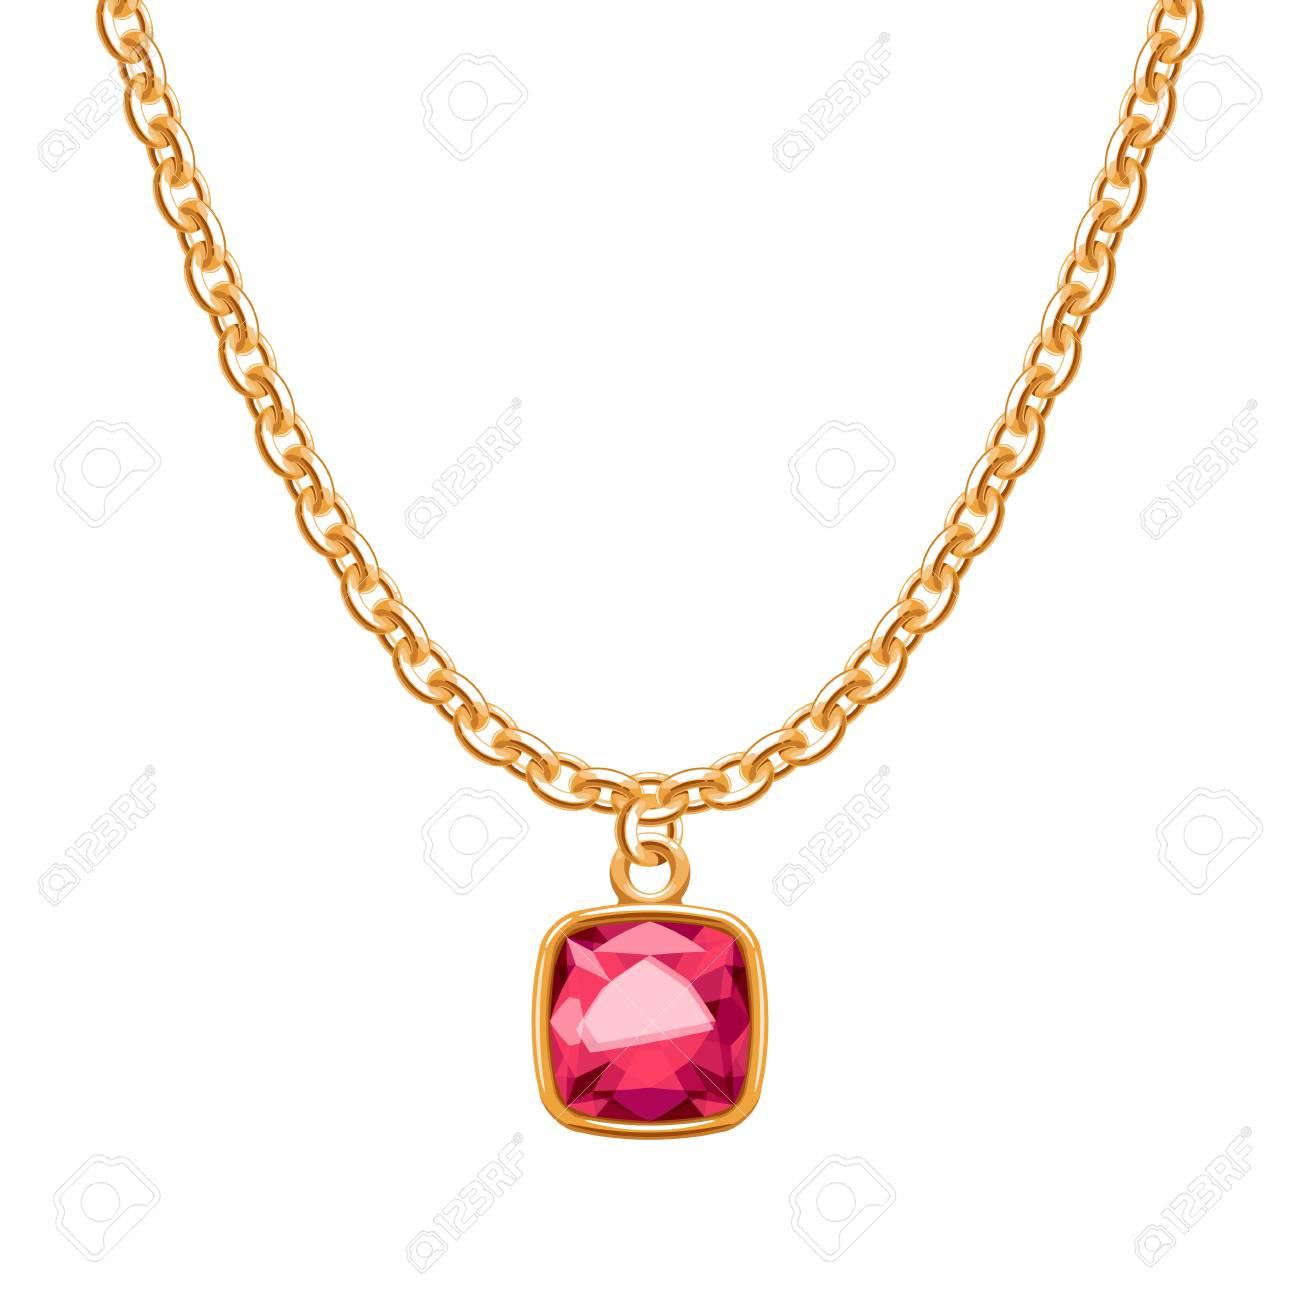 nueva llegada 90e16 67a2d Collar de cadena de oro con colgante de piedras preciosas de rubí.